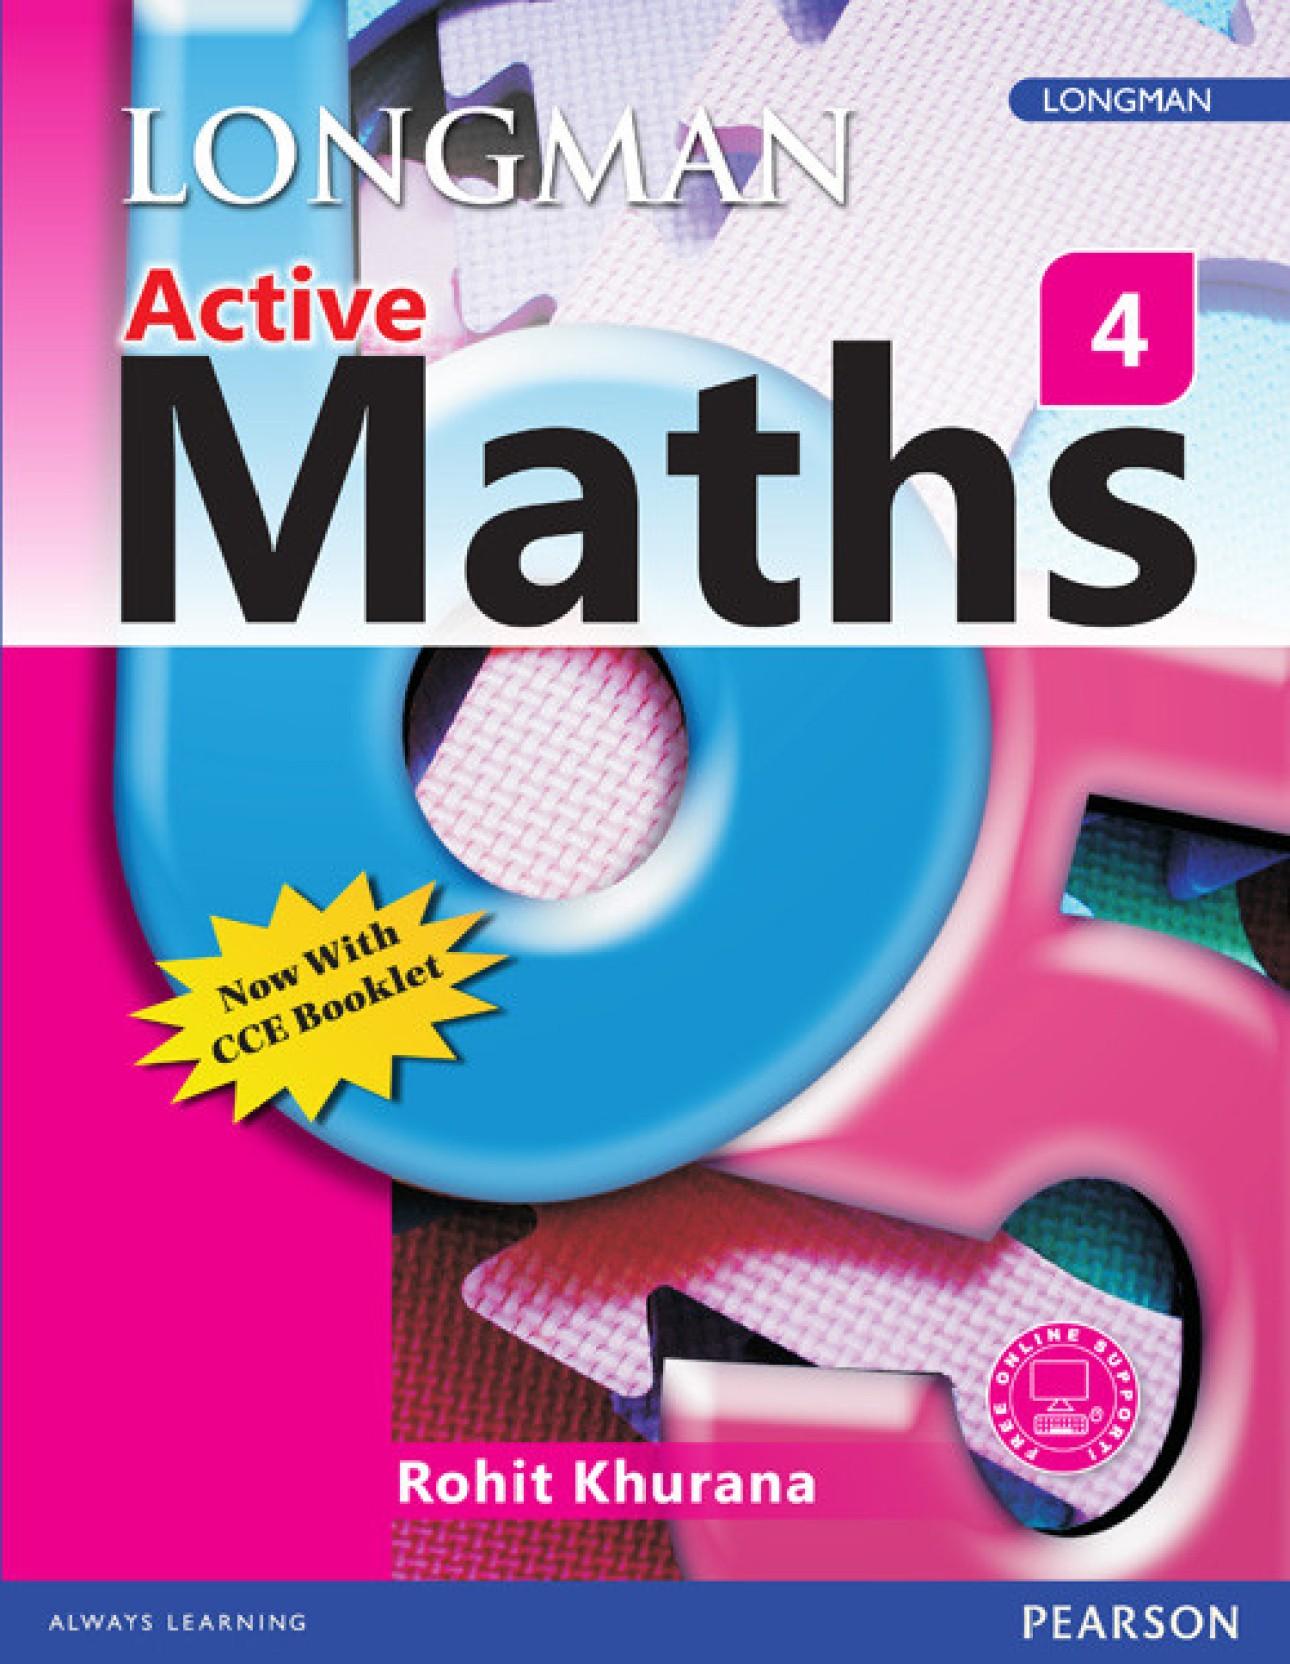 Longman Active Maths 4: Buy Longman Active Maths 4 by Khurana at Low ...